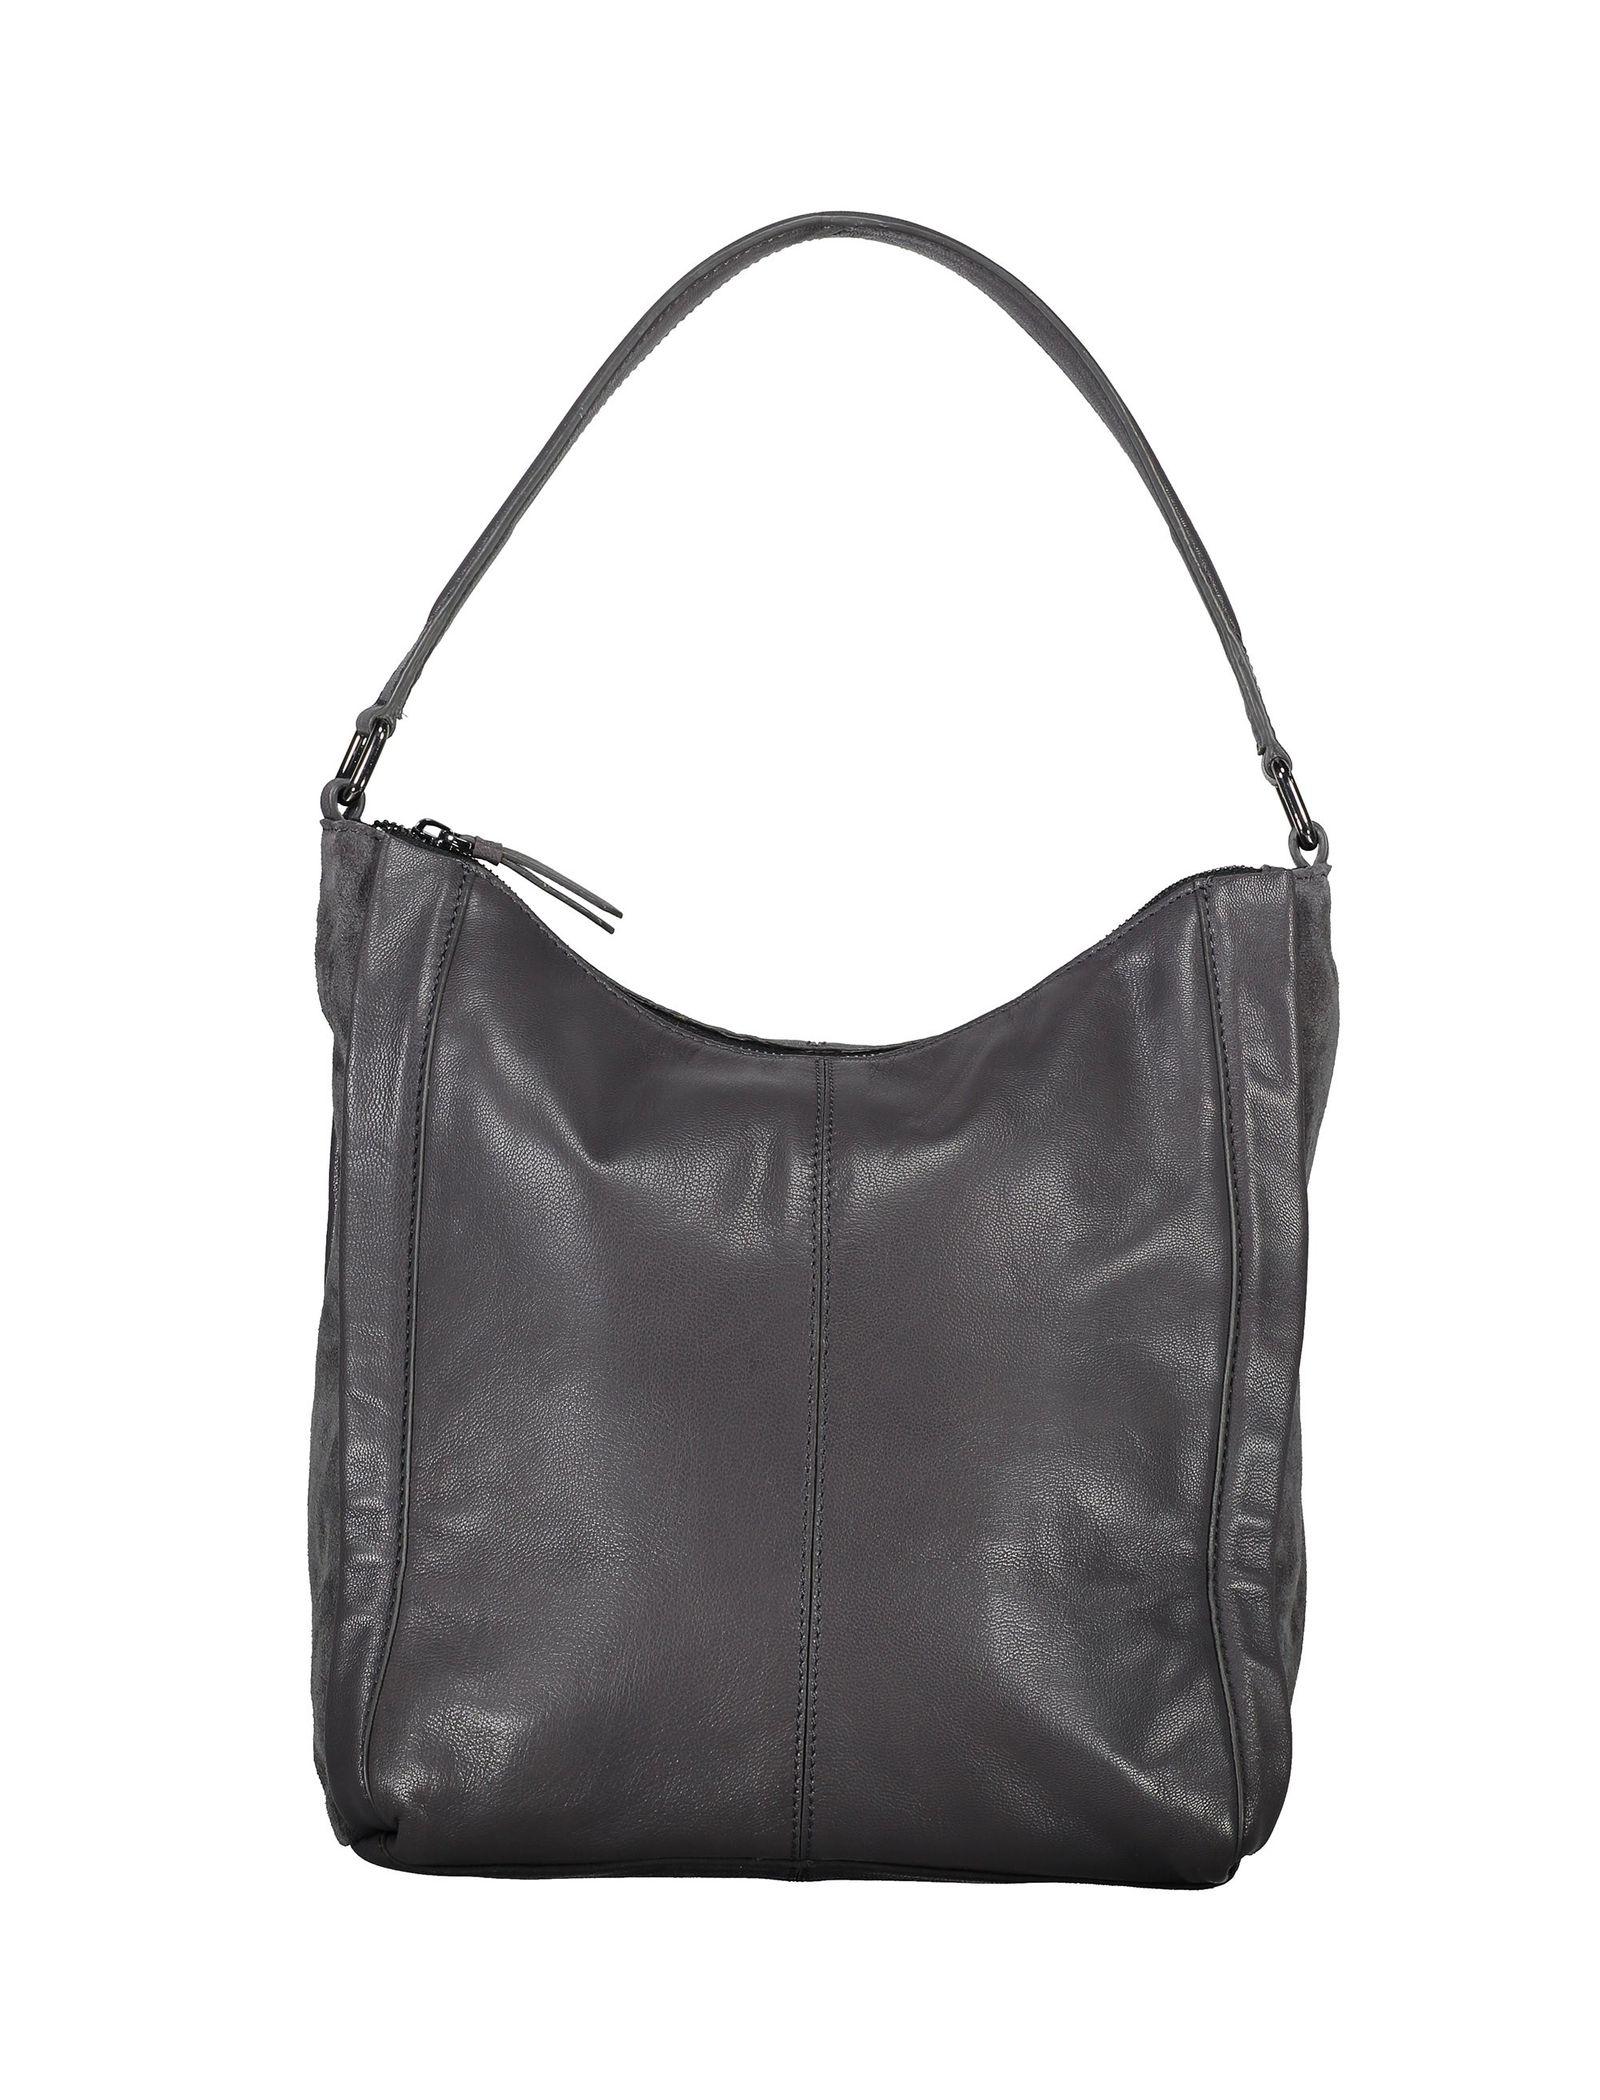 کیف دوشی چرم زنانه - باتا - قهوه اي مايل به طوسي - 1